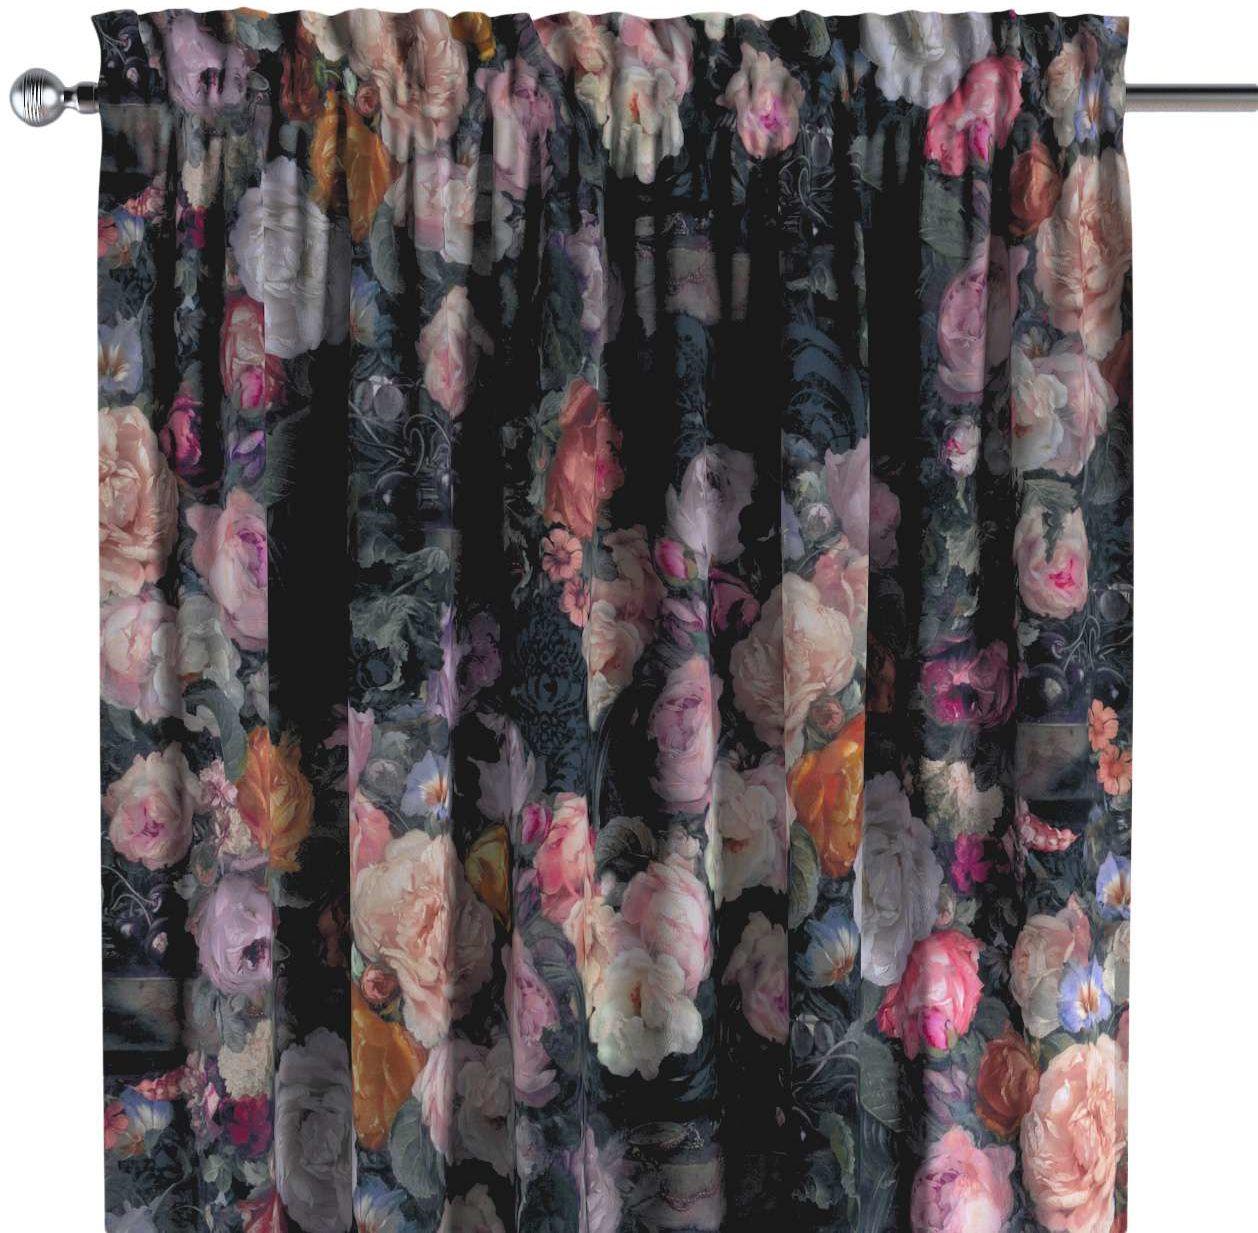 Zasłona na kanale z grzywką 1 szt., wielobarwne kwiaty na ciemnym tle, 1szt 130  260 cm, Gardenia